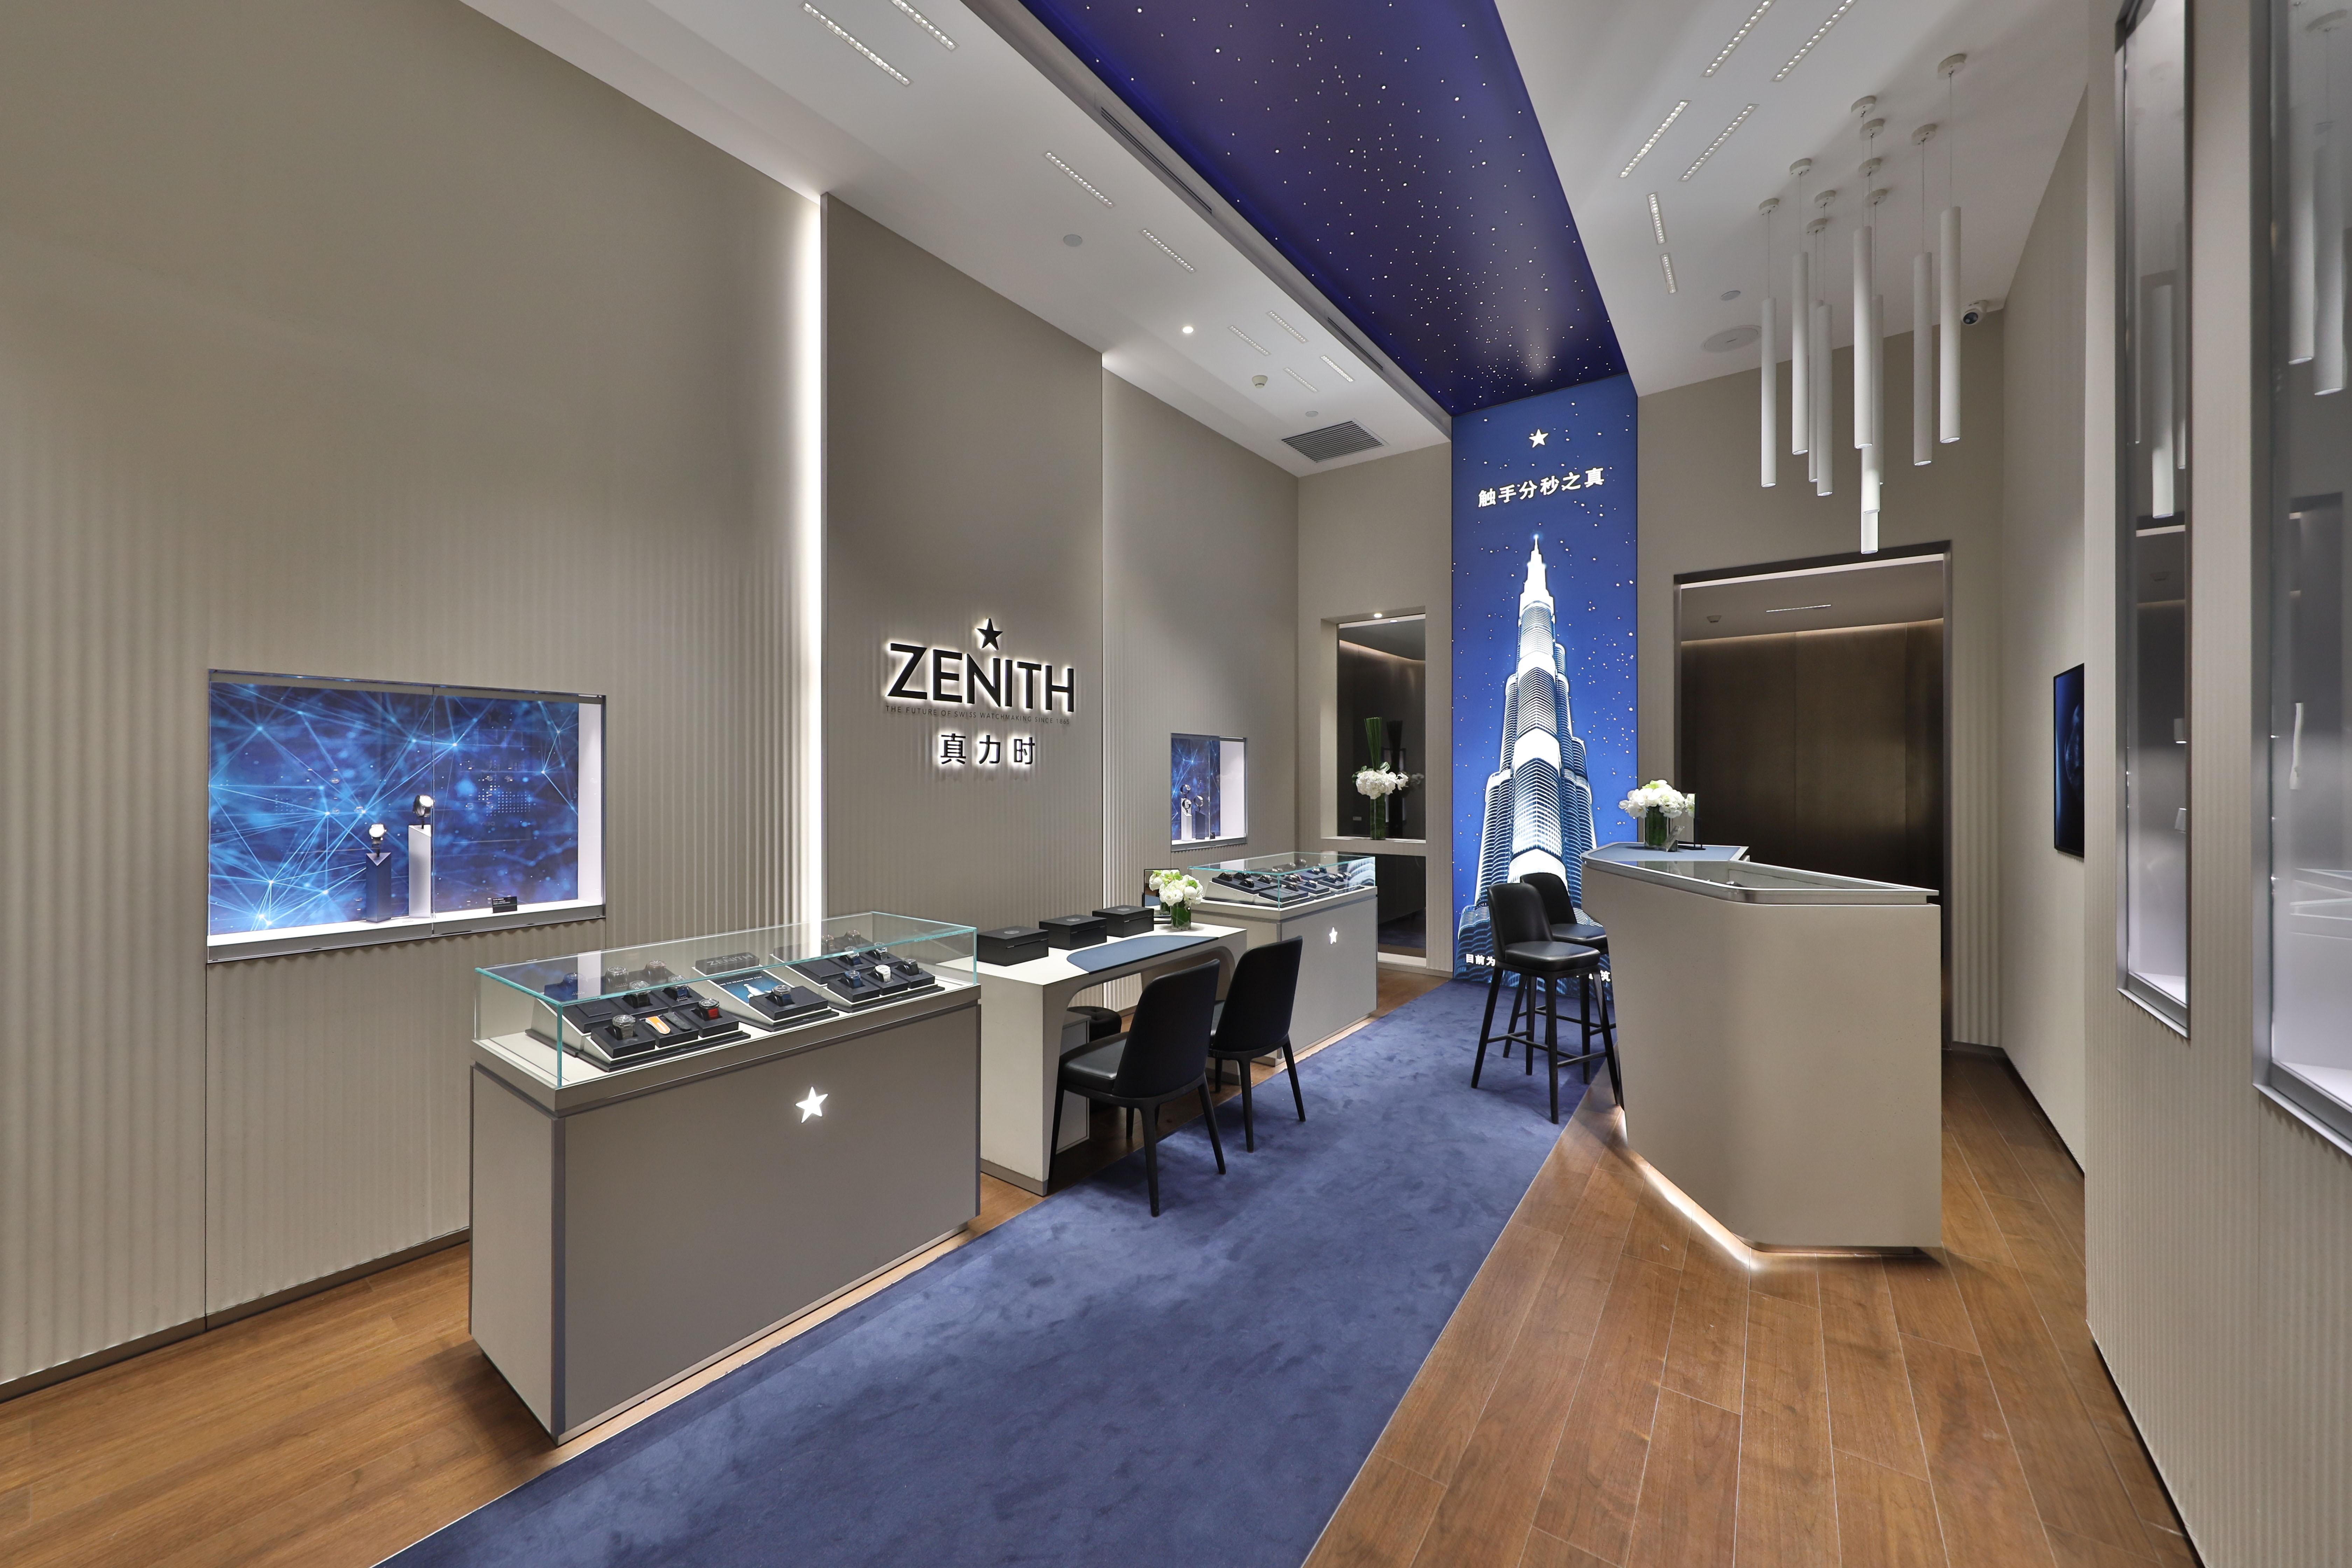 Zenith_boutique opening Zhengzhou (1)